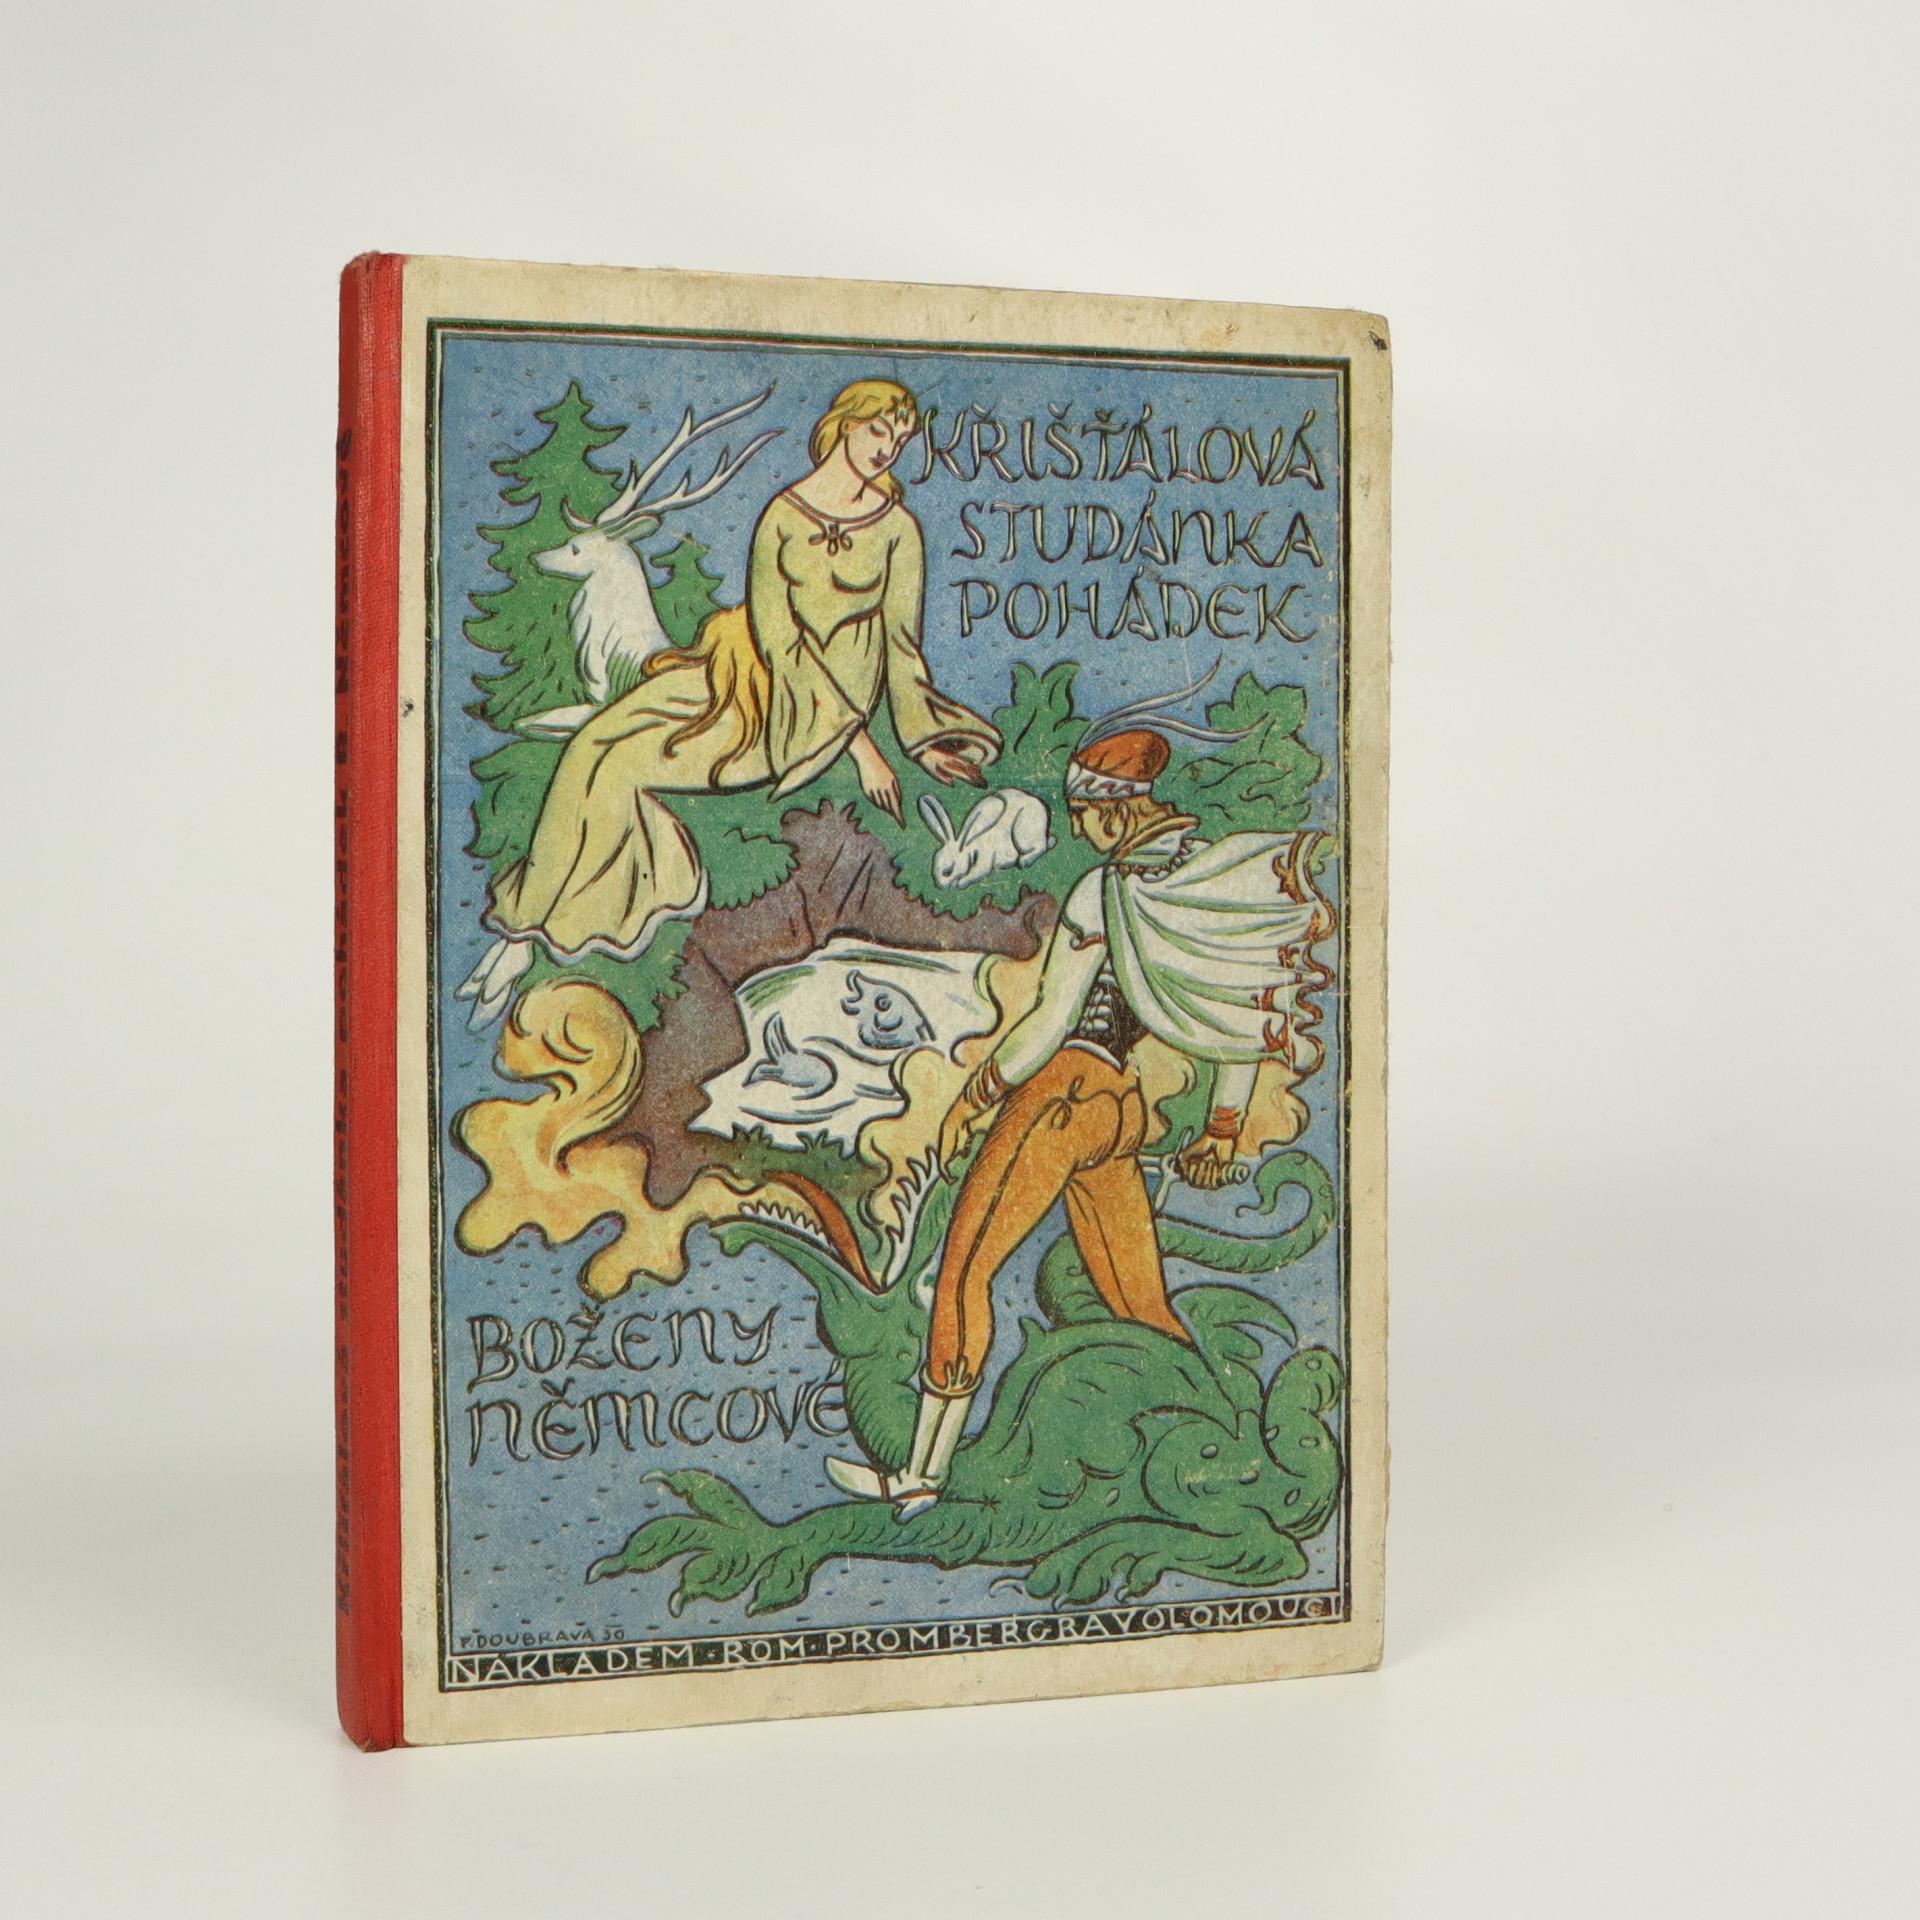 antikvární kniha Křišťálová studánka pohádek Boženy Němcové, 1931